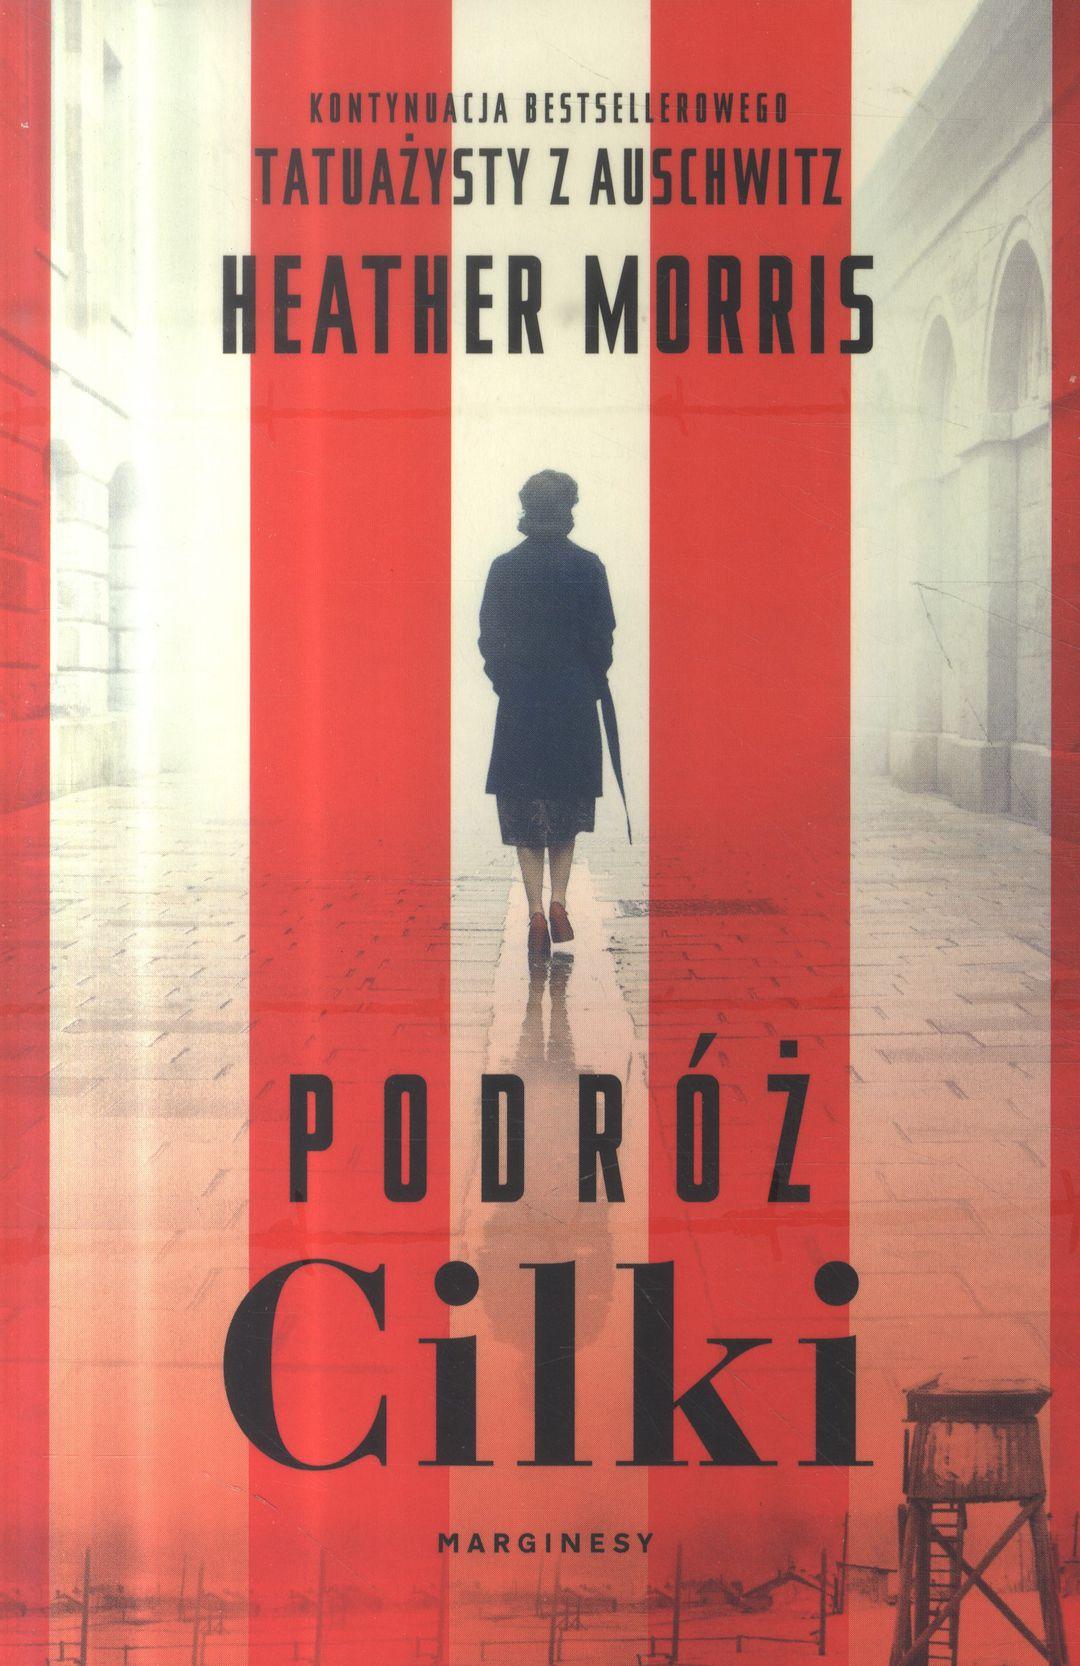 Morris Heather – Podróż Cilki